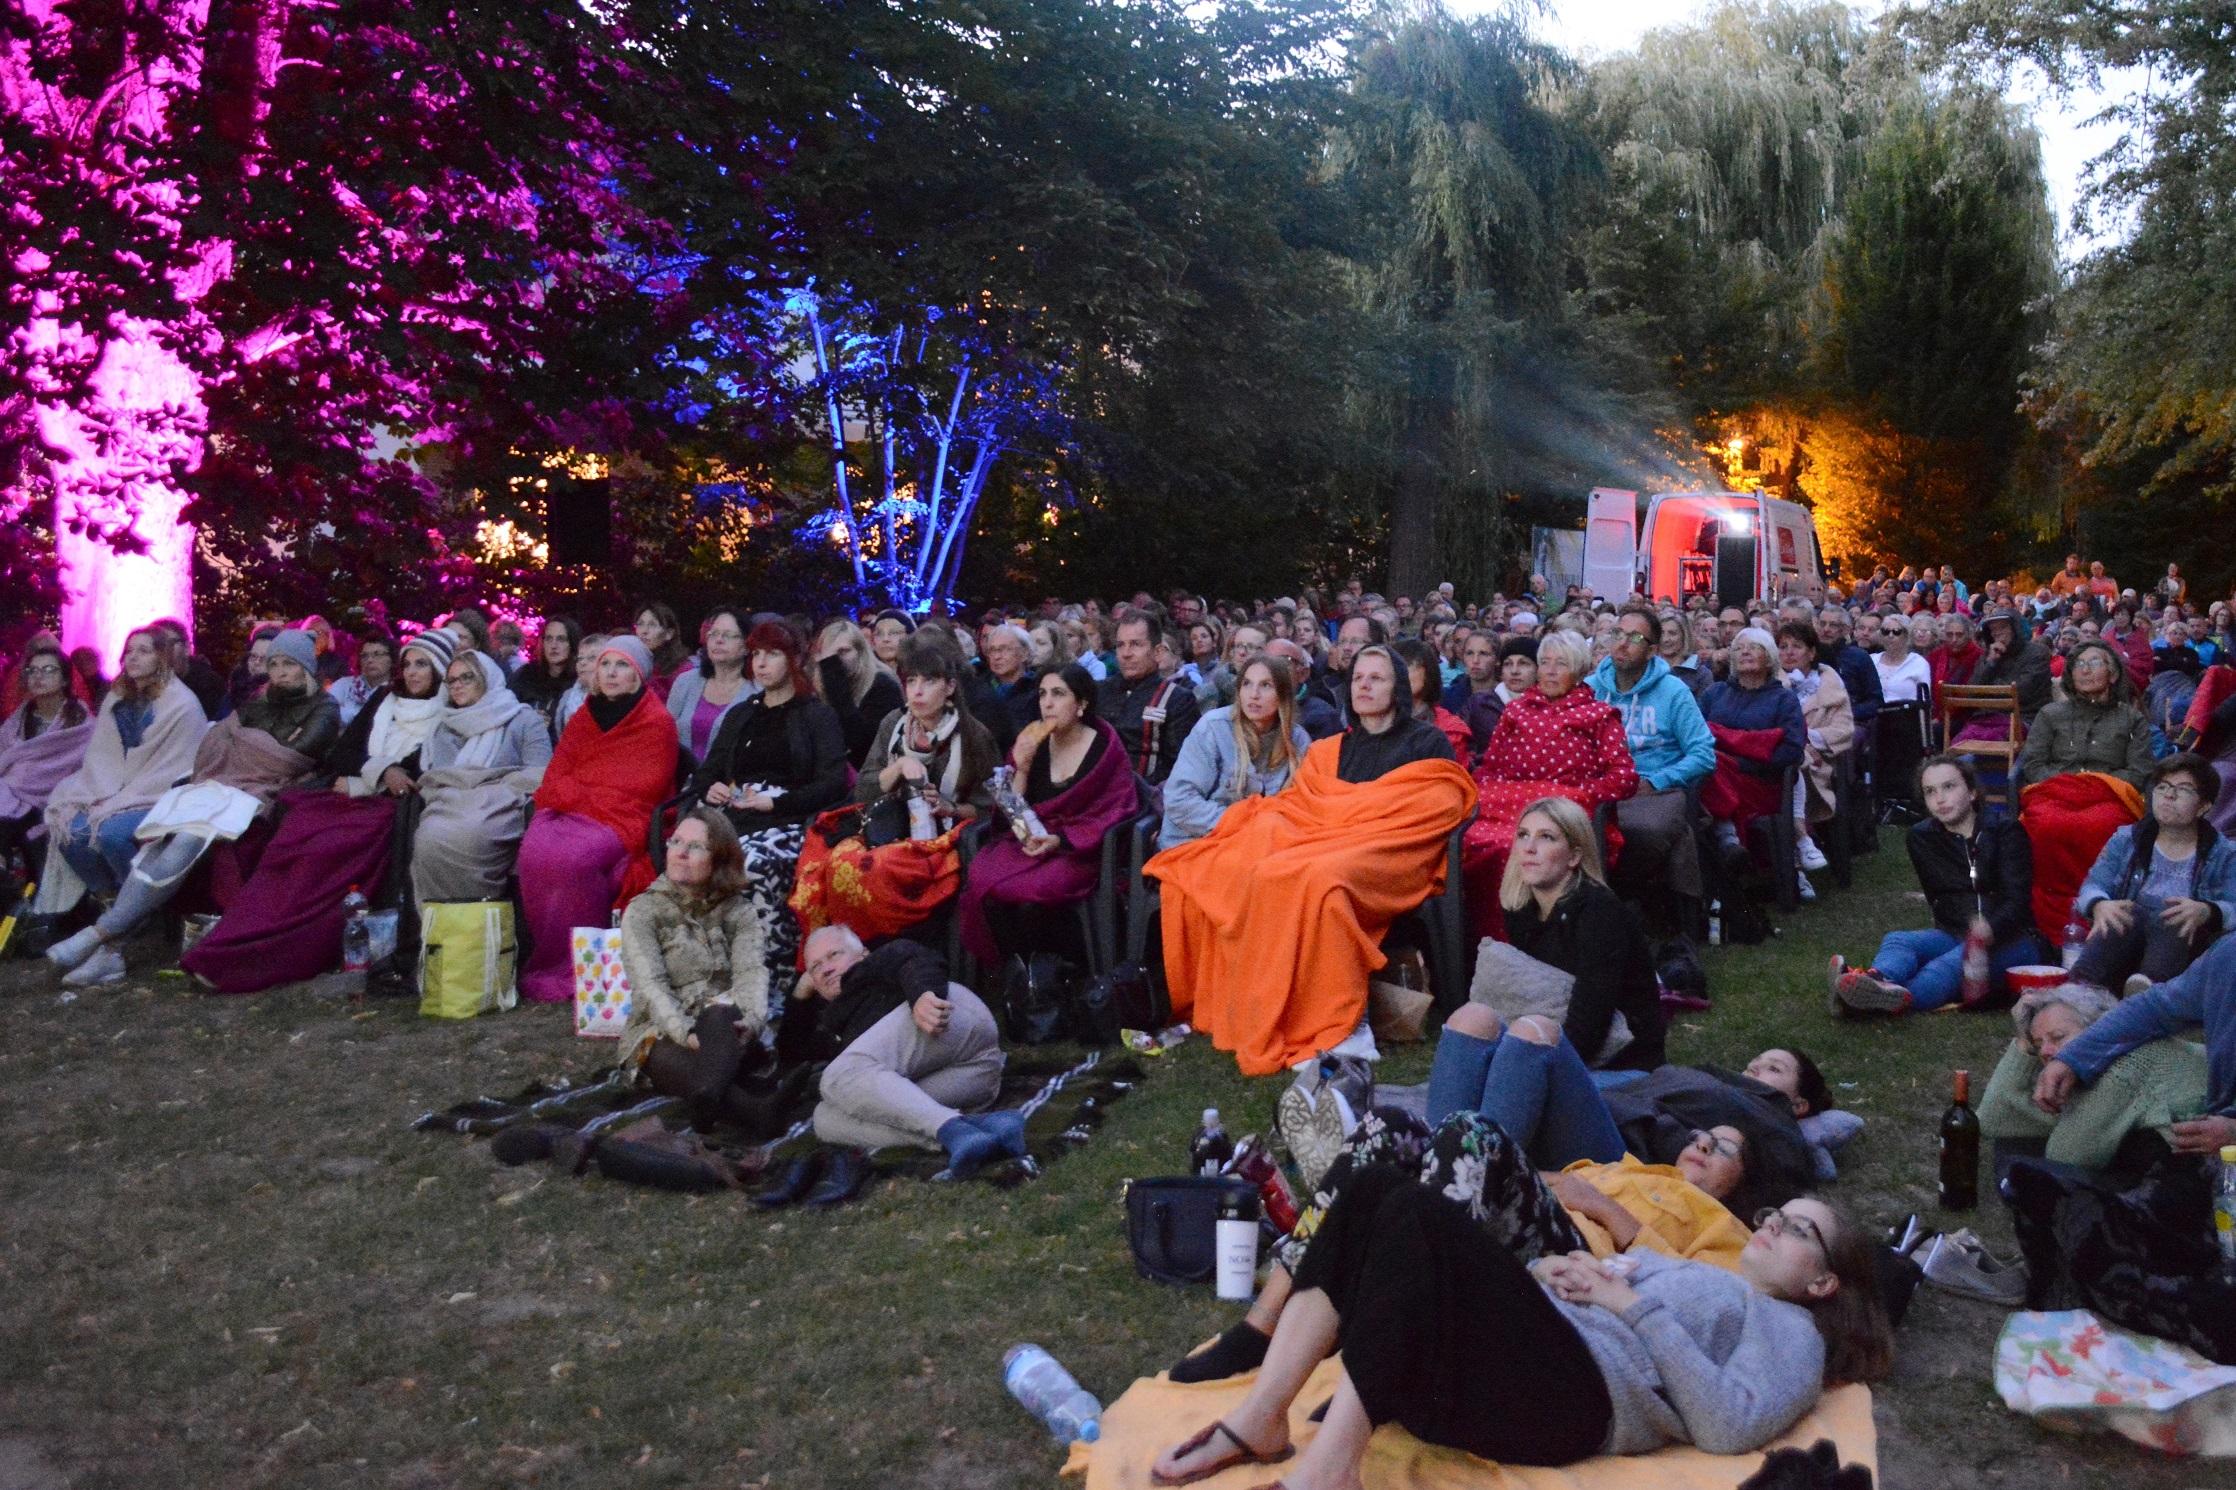 Picknick Open Air Kino Elmshorn 2018 © Ulf Marek